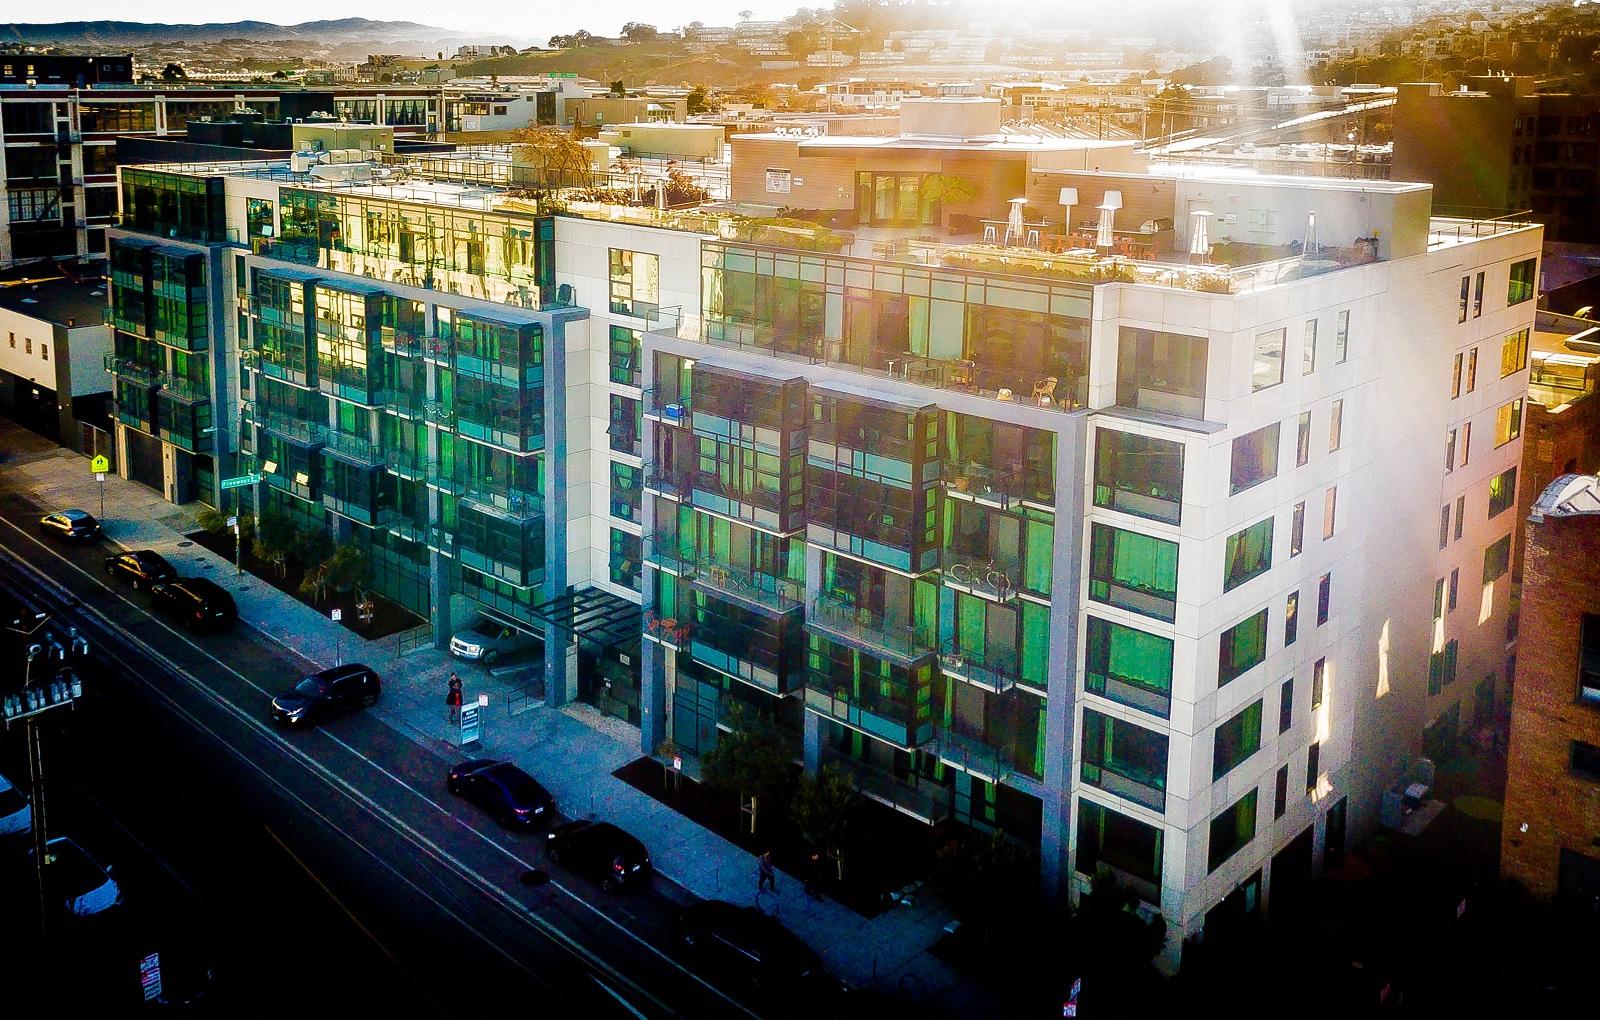 Renovated Building at Potrero Launch California Potrero